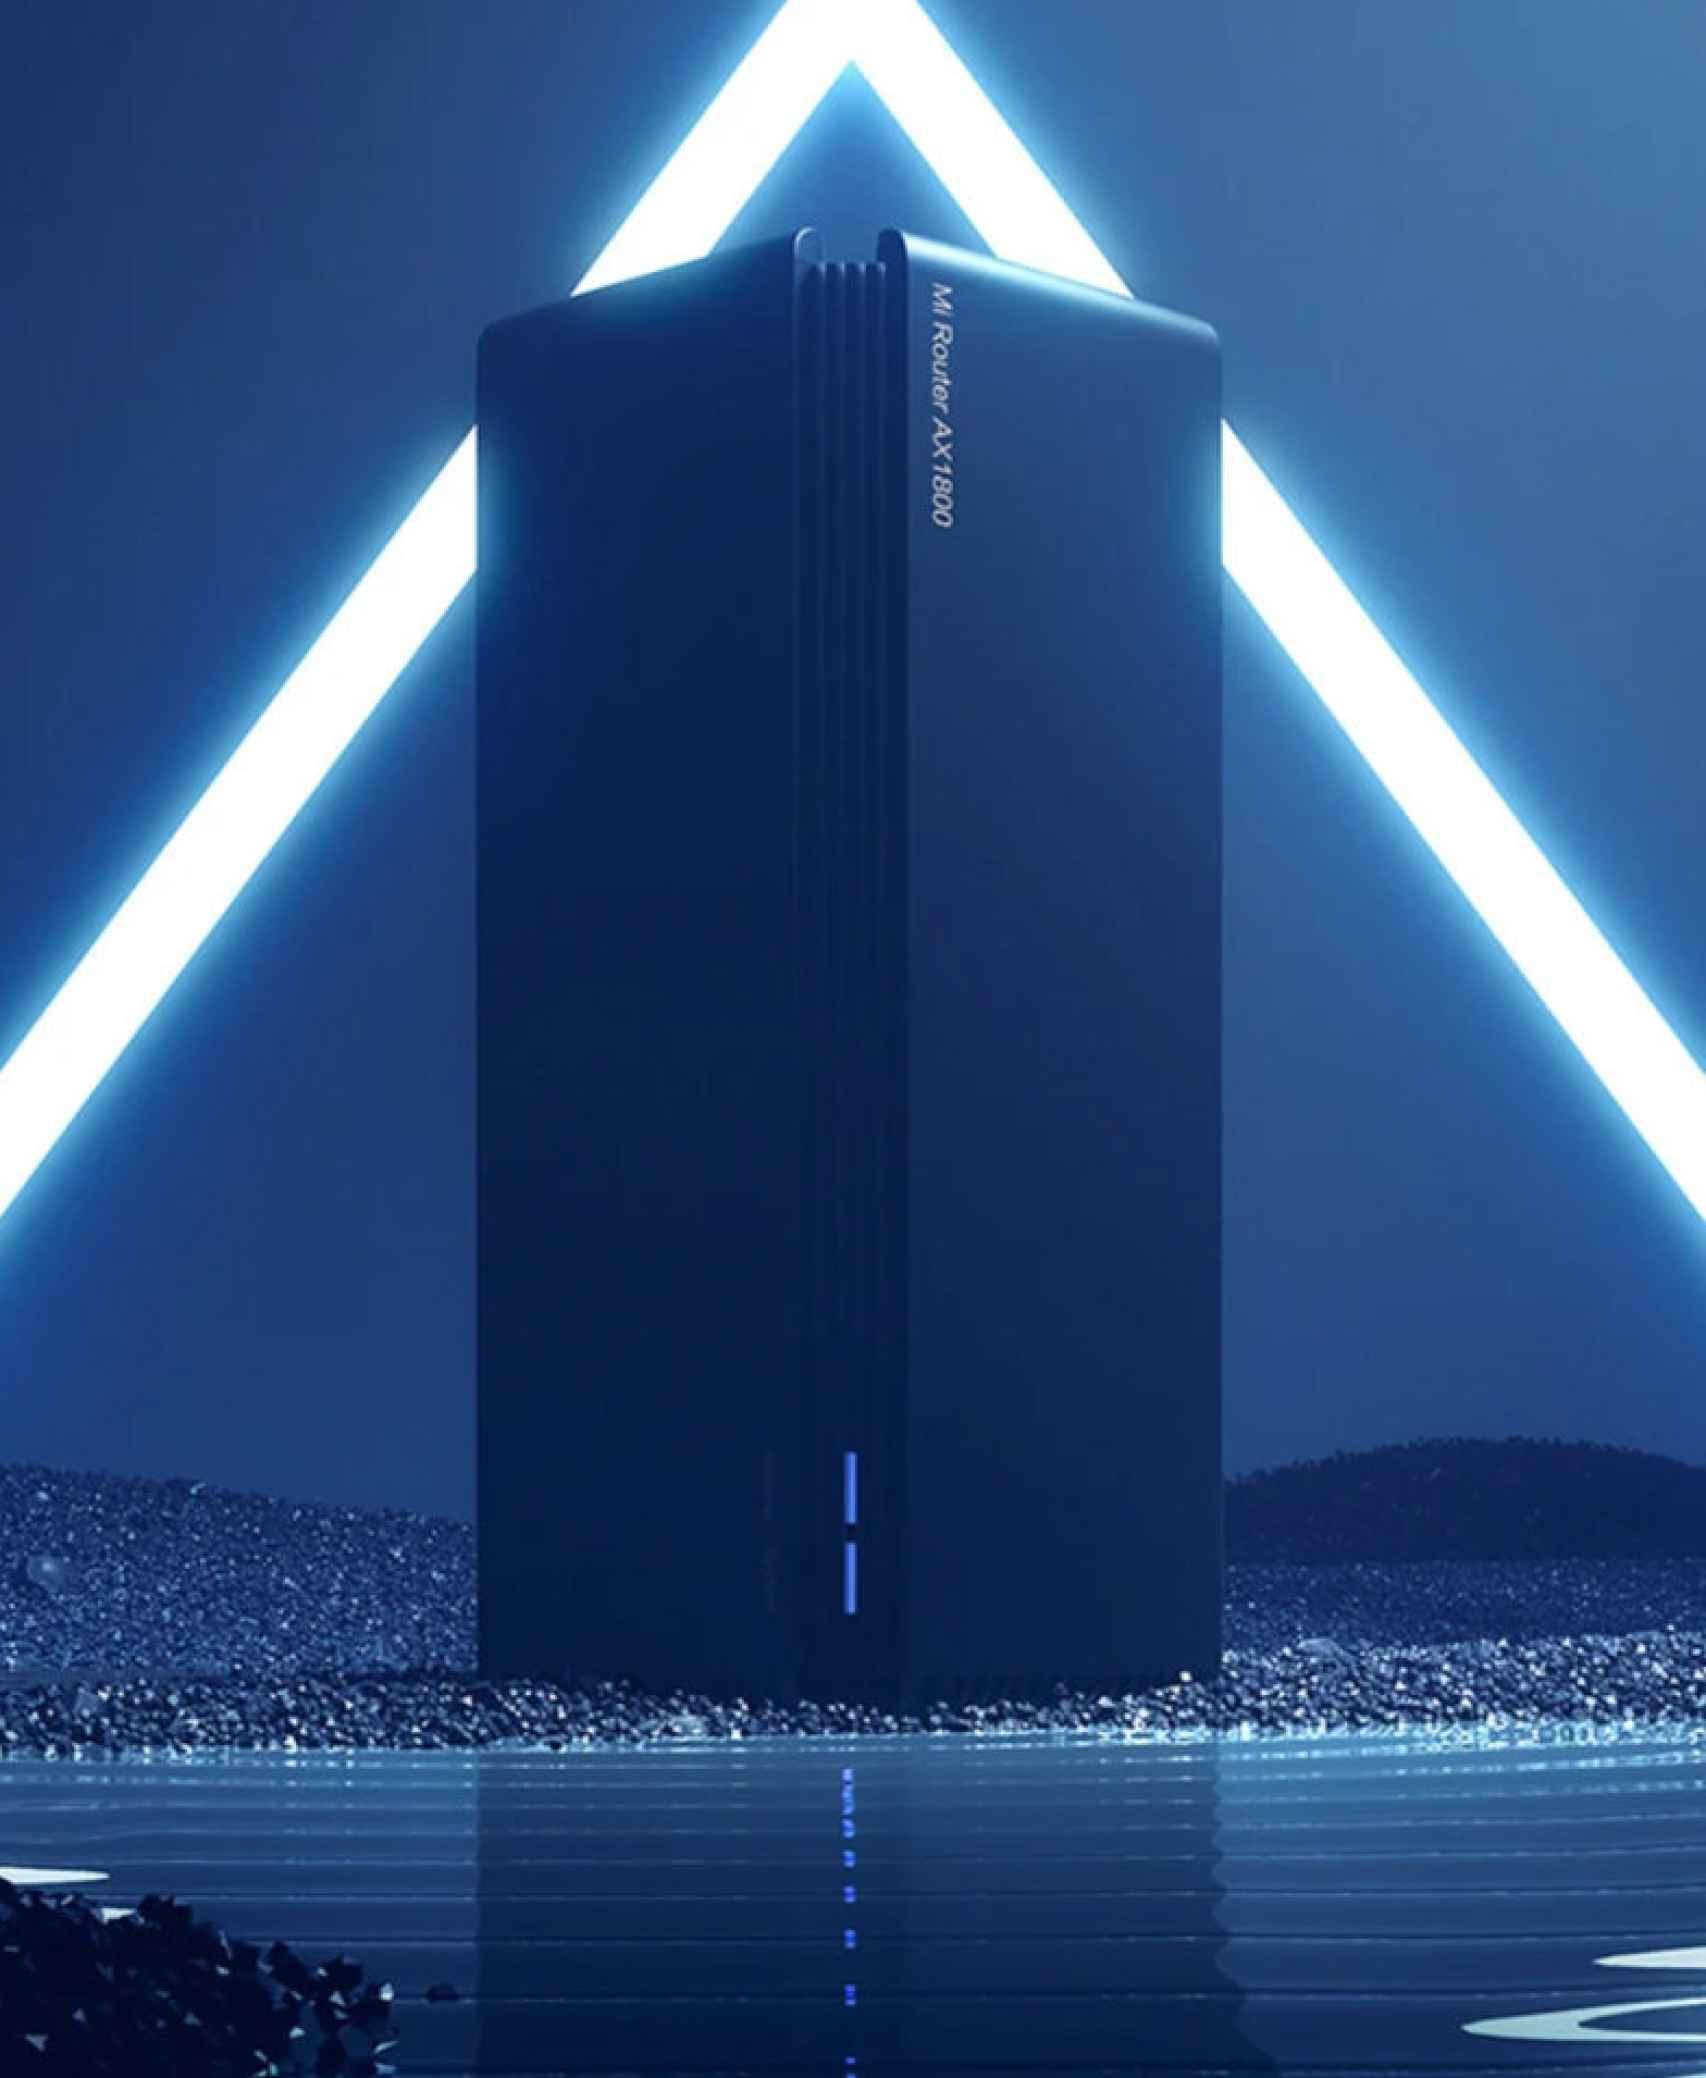 El diseño del nuevo router de Xiaomi es espectacular